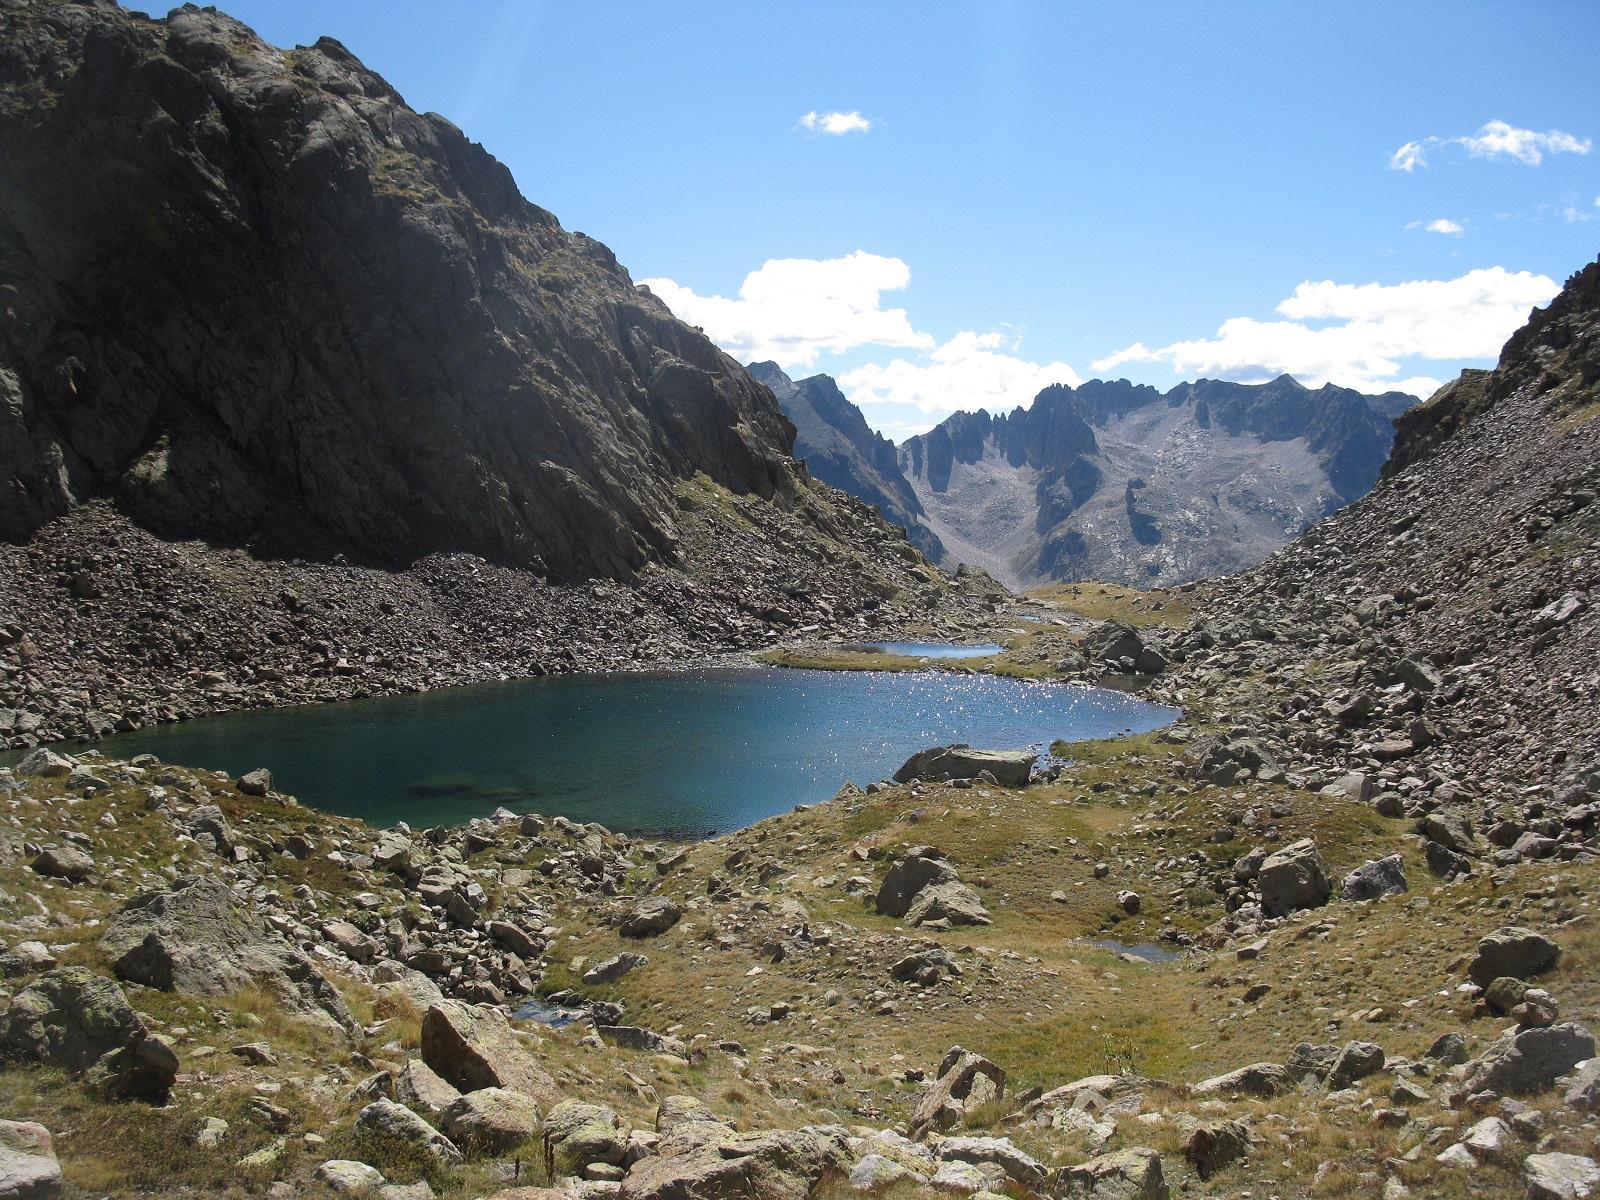 I bellissimi laghi sotto il colletto la Paur